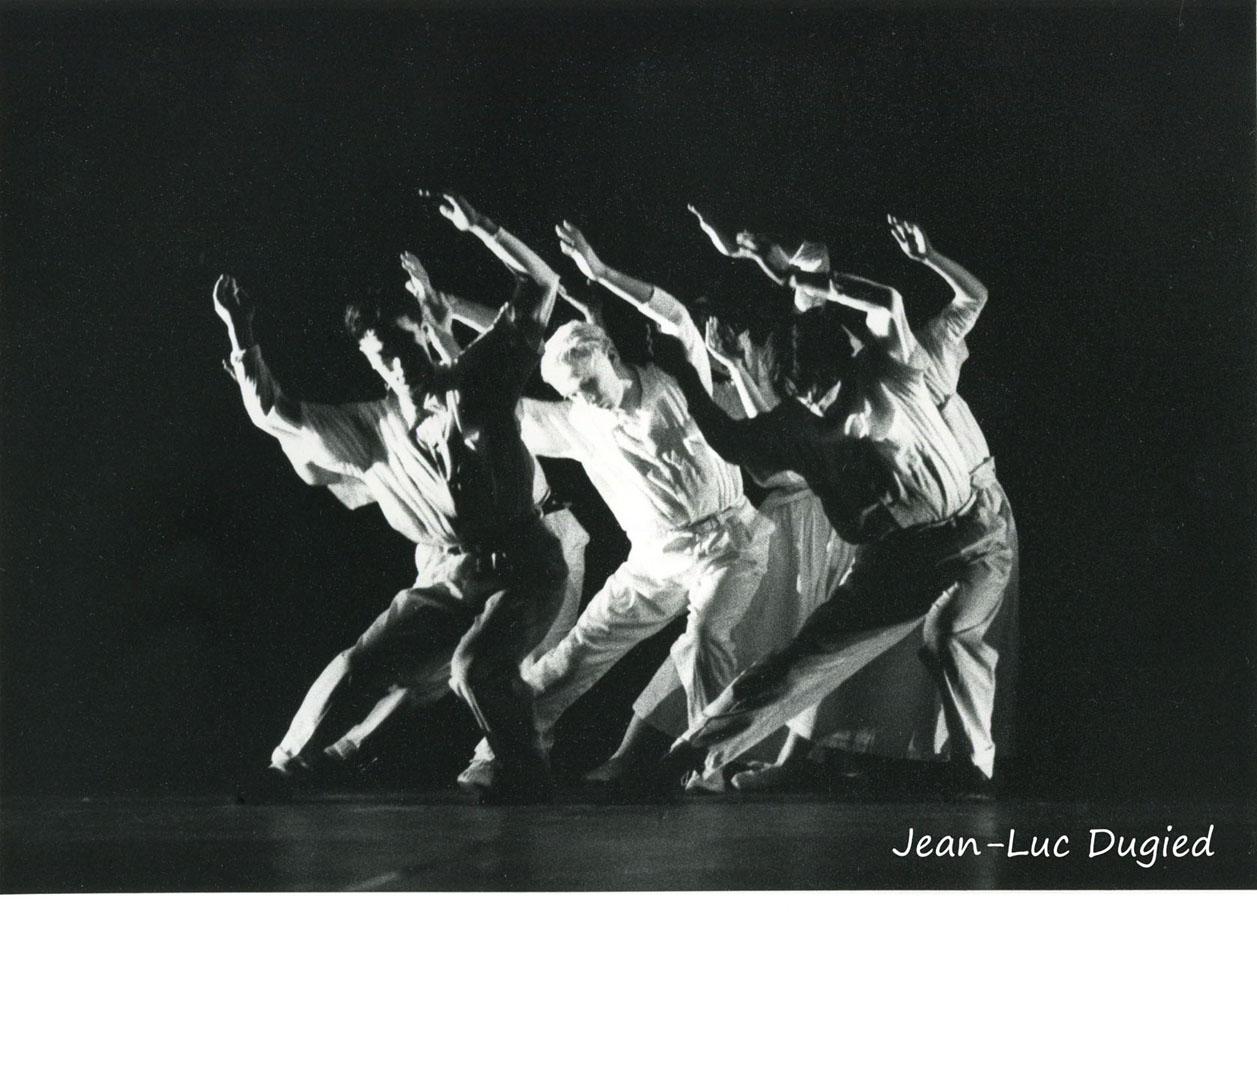 17 Teshigawara Saburo - ishi no hana (fleur de pierre) - 1988